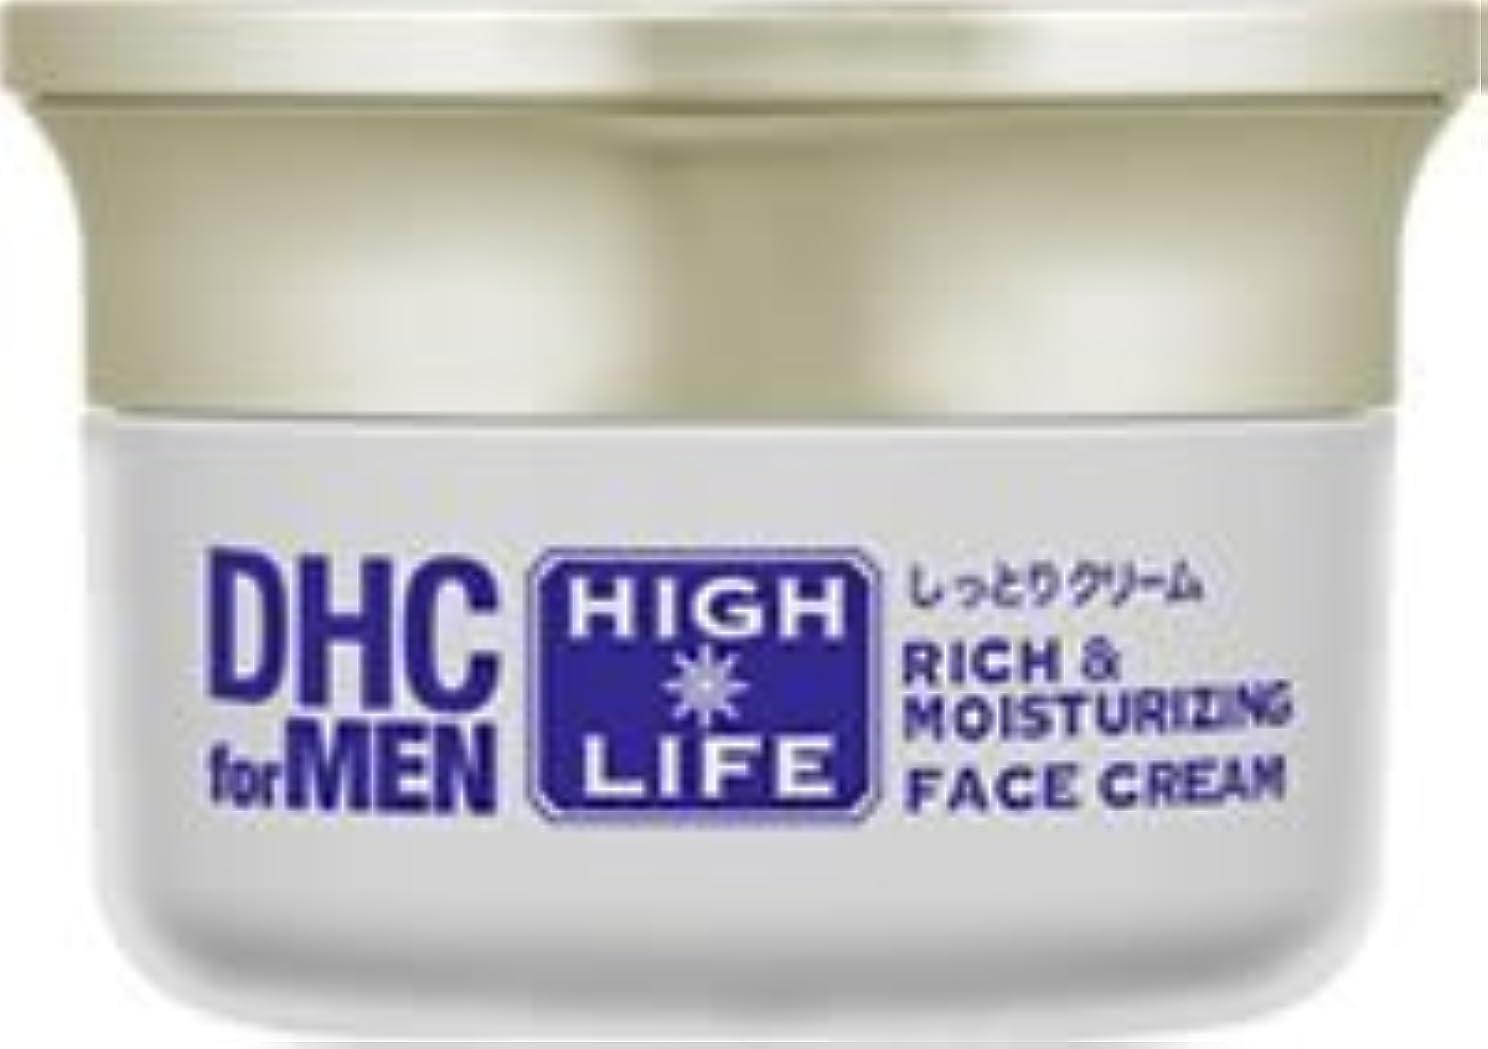 グリース物理学者プラグDHCリッチ&モイスチュア フェースクリーム【DHC for MEN ハイライフ】